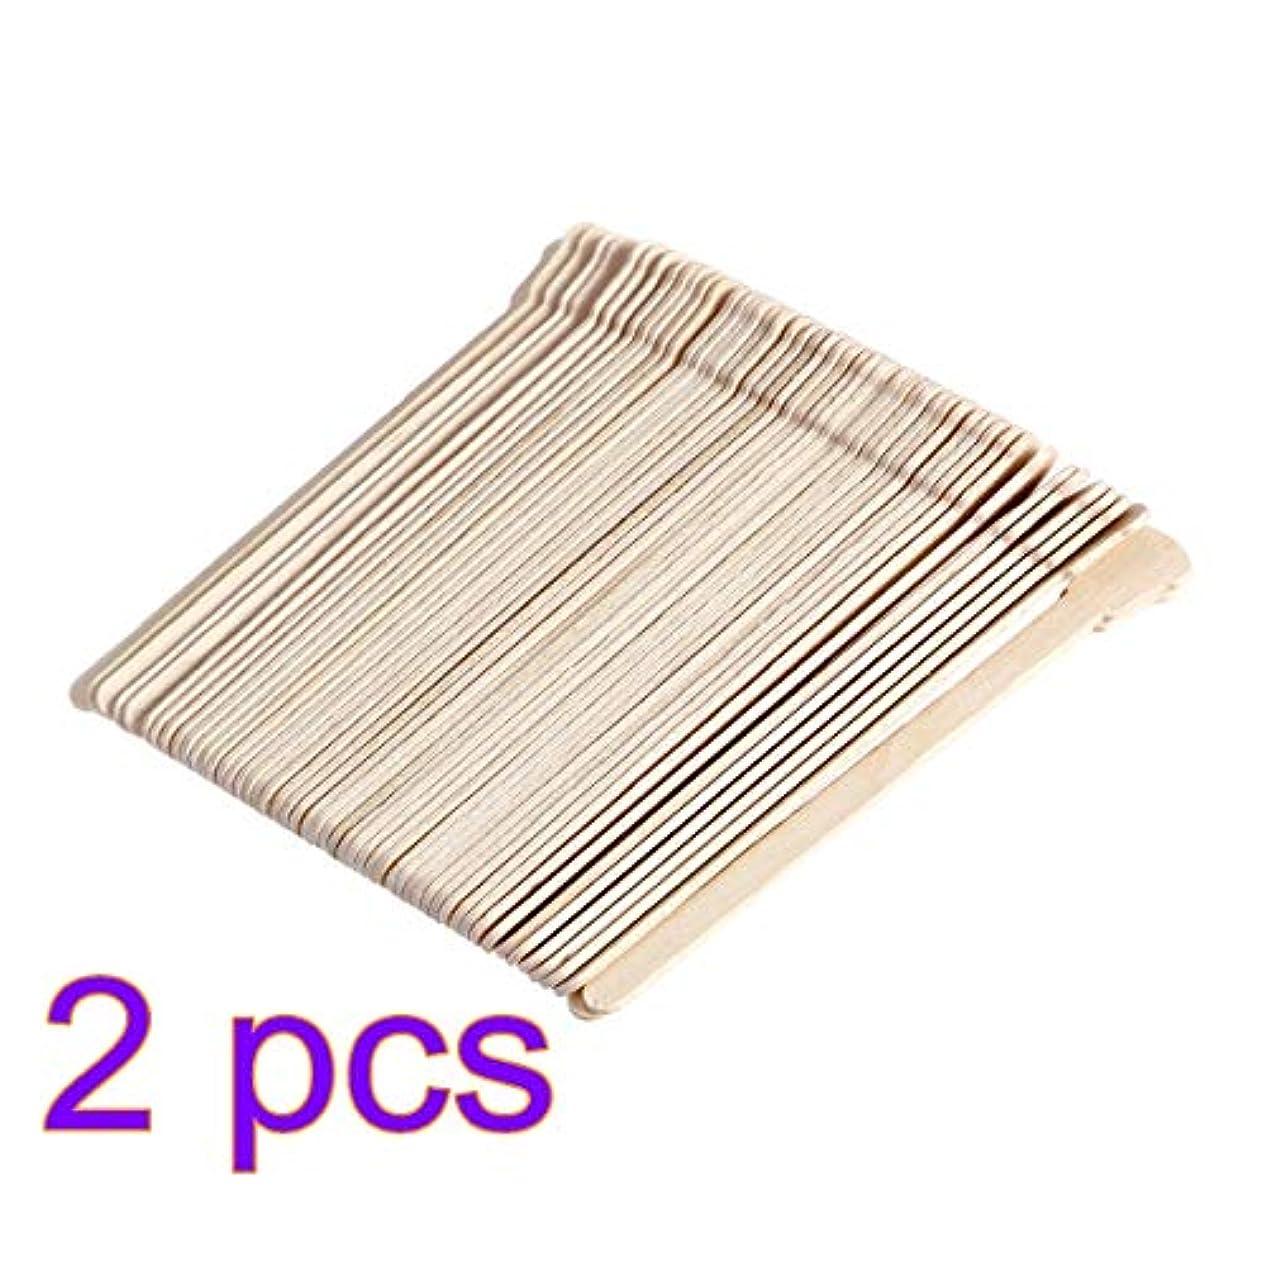 パリティ保全郵便番号SUPVOX 100ピース木製ワックススティックフェイス眉毛ワックスへら脱毛(オリジナル木製色)